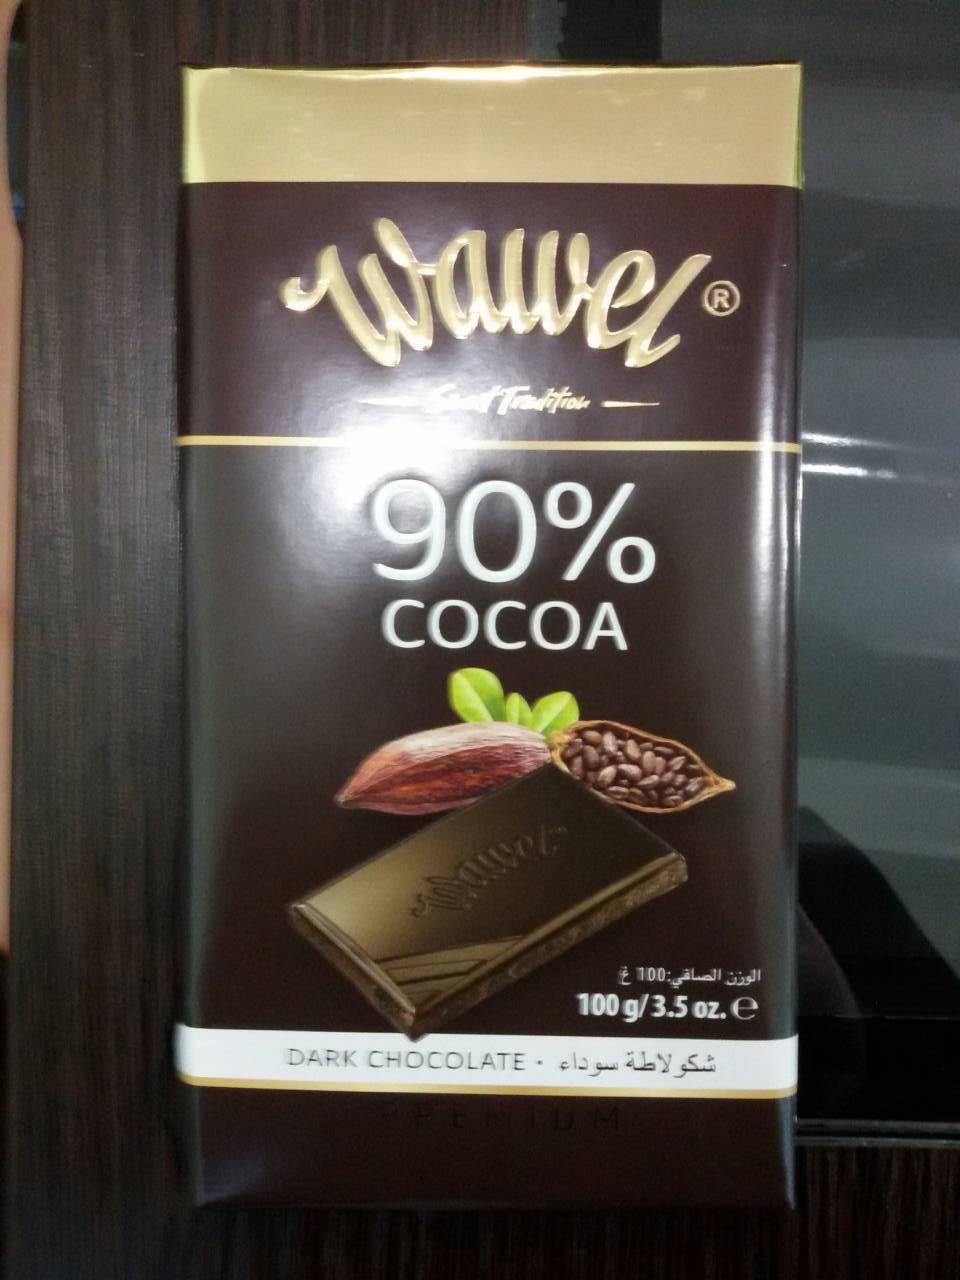 Шоколад Wawel  черный шоколад 90% какао (Вавель ) 100 г. Польша